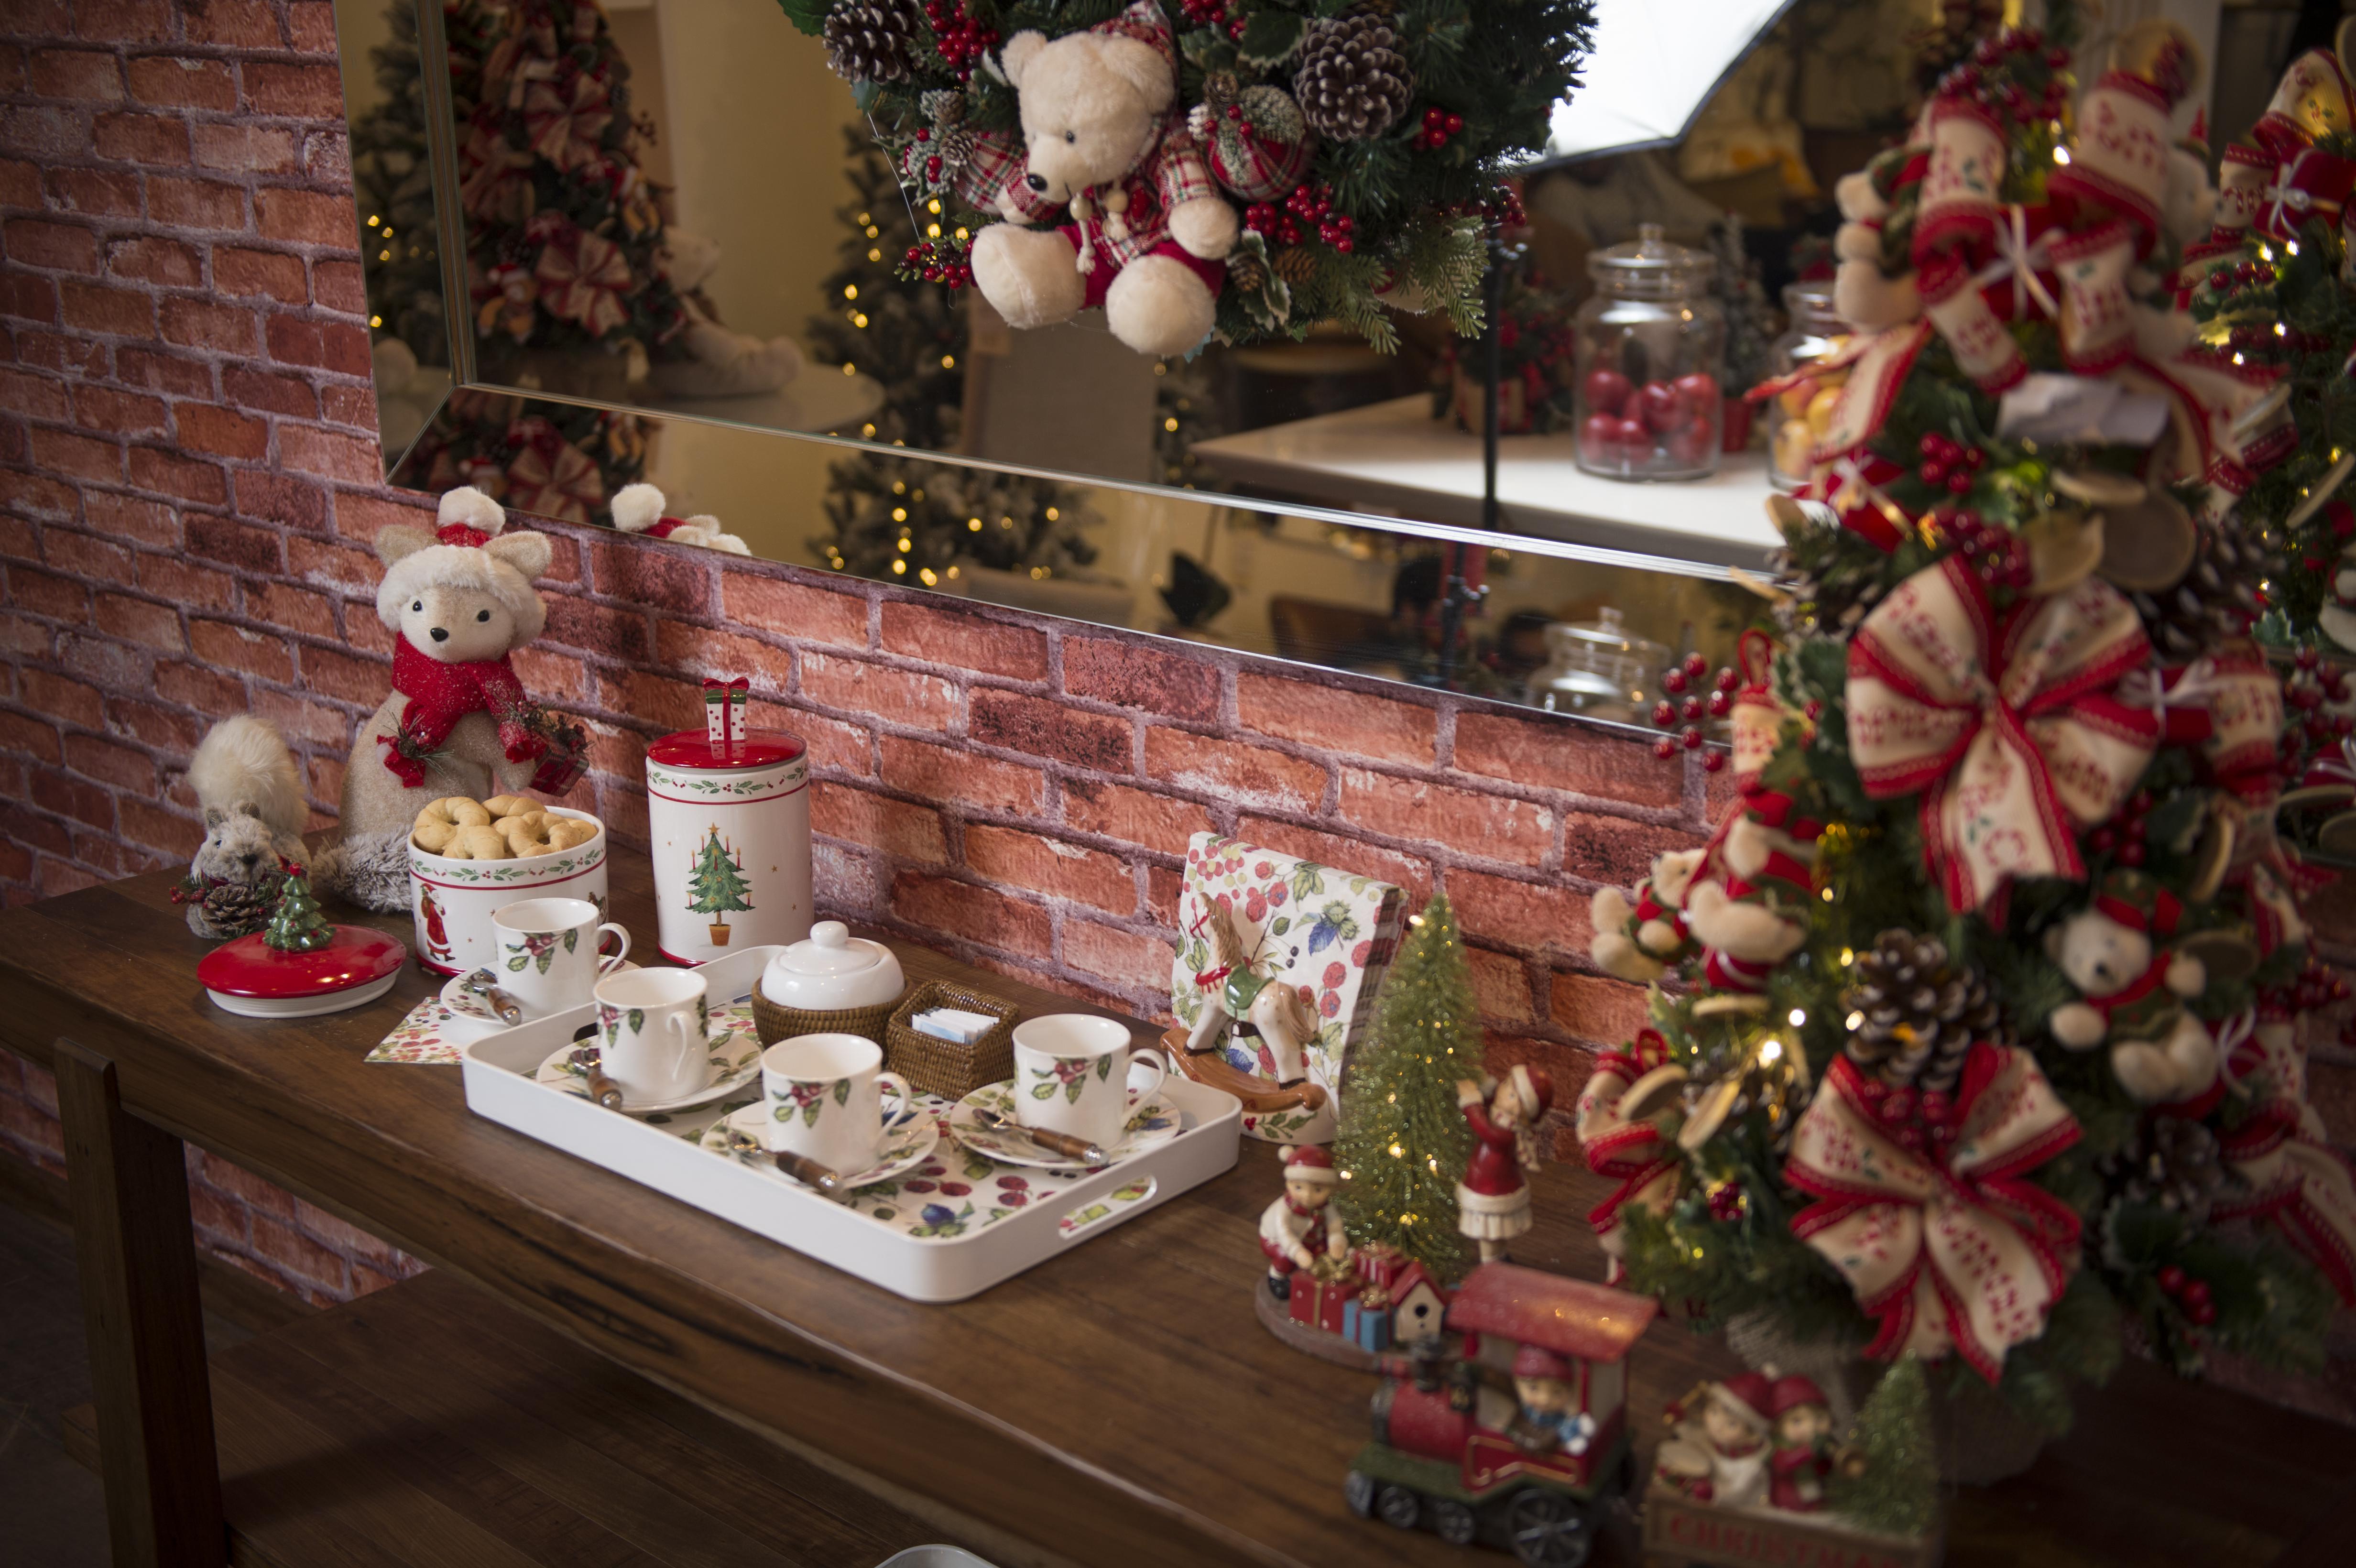 O aparador pode ficar arrumado com biscoitos e chá ou café, para que os convidados se sirvam antes ou depois da ceia. Uma mini árvore de Natal veste um dos cantos da mesa.